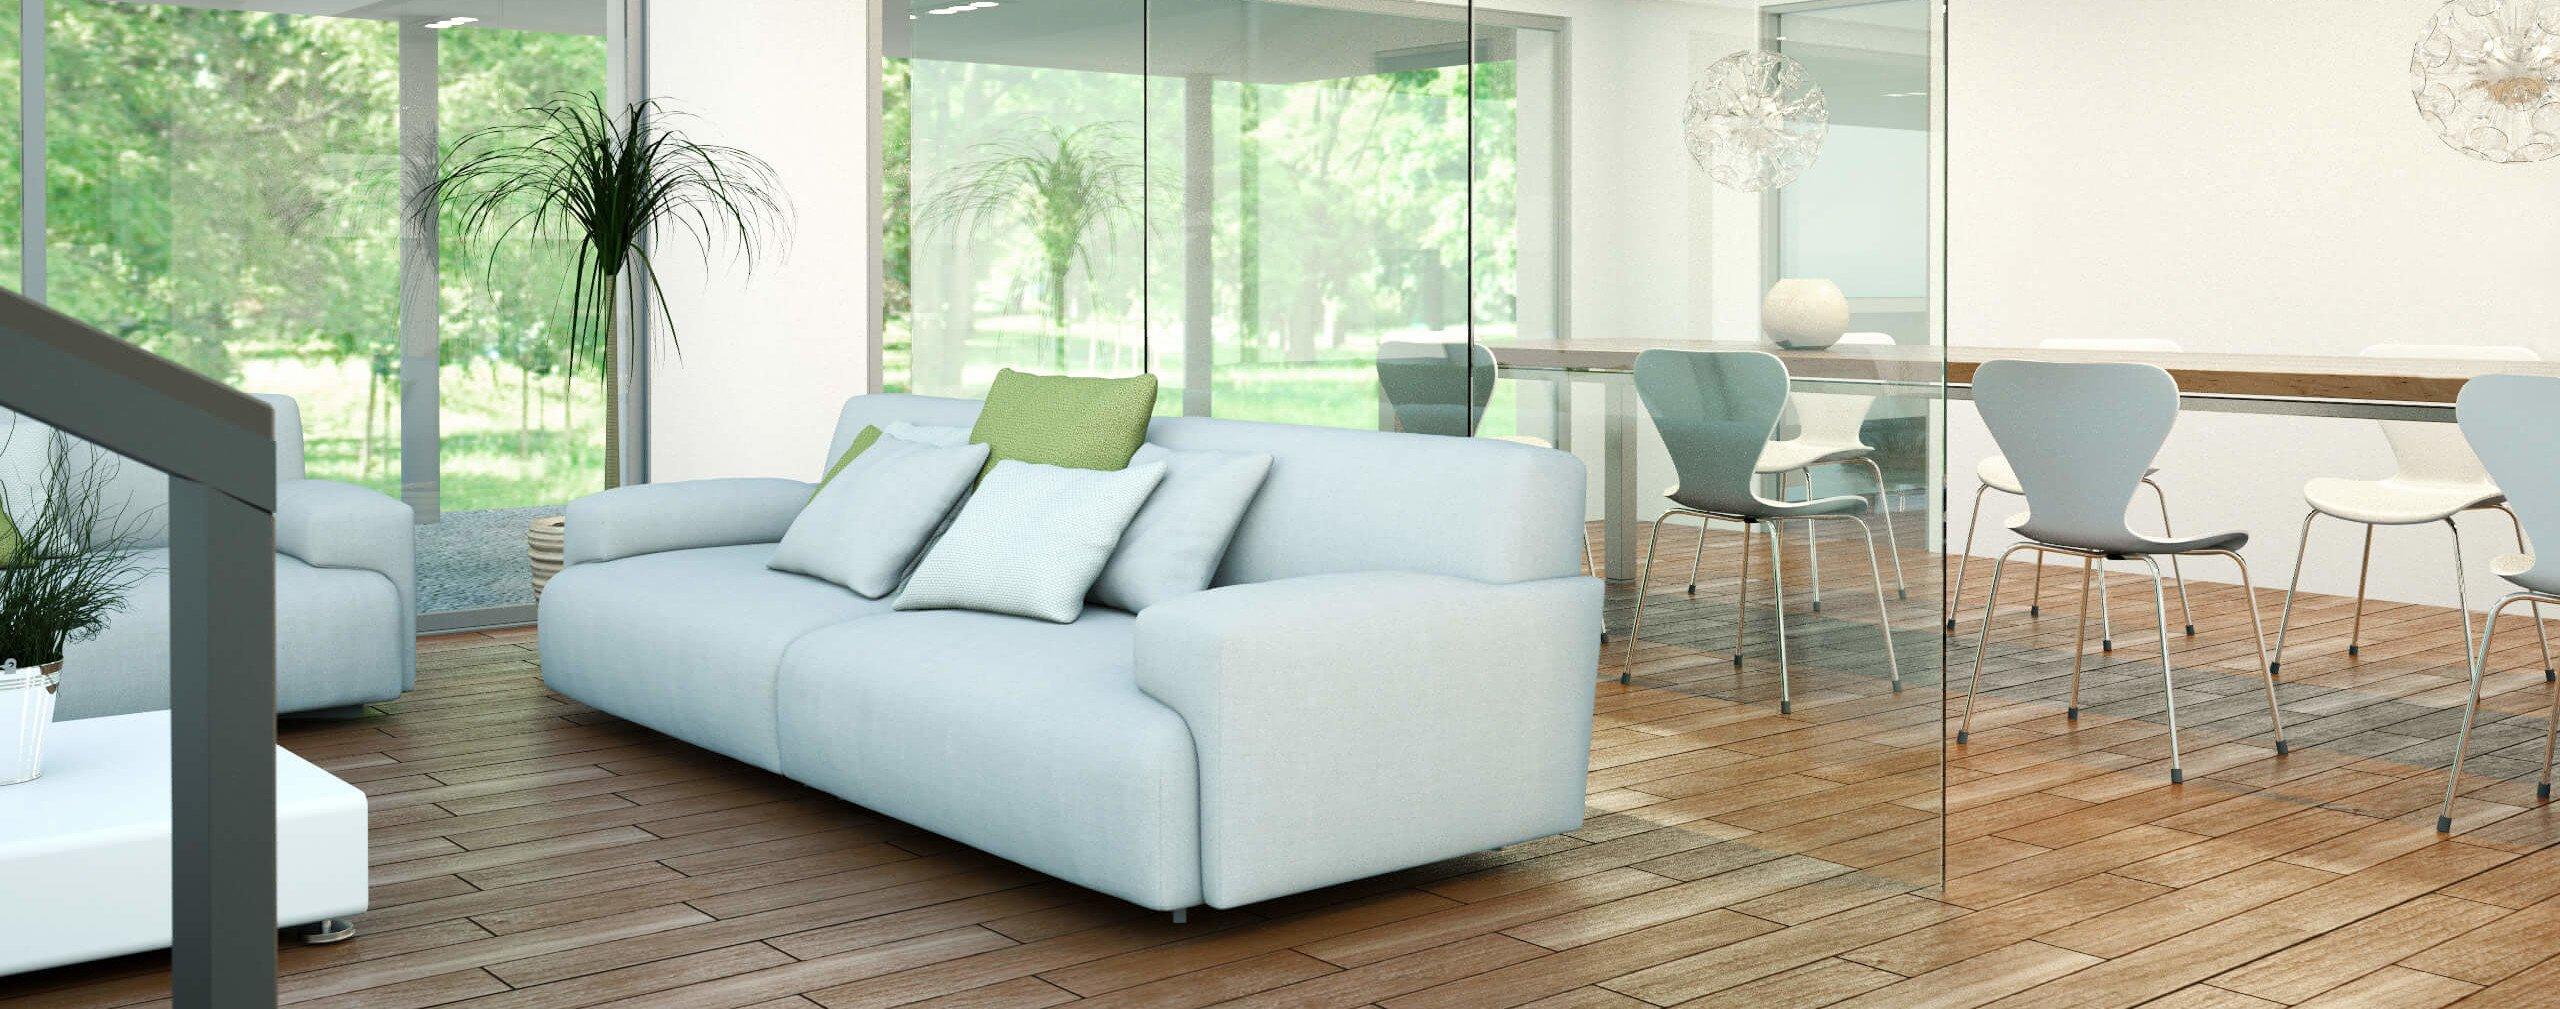 raumteiler-glas-zwischen-wohnbereich-und-esszimmer-1